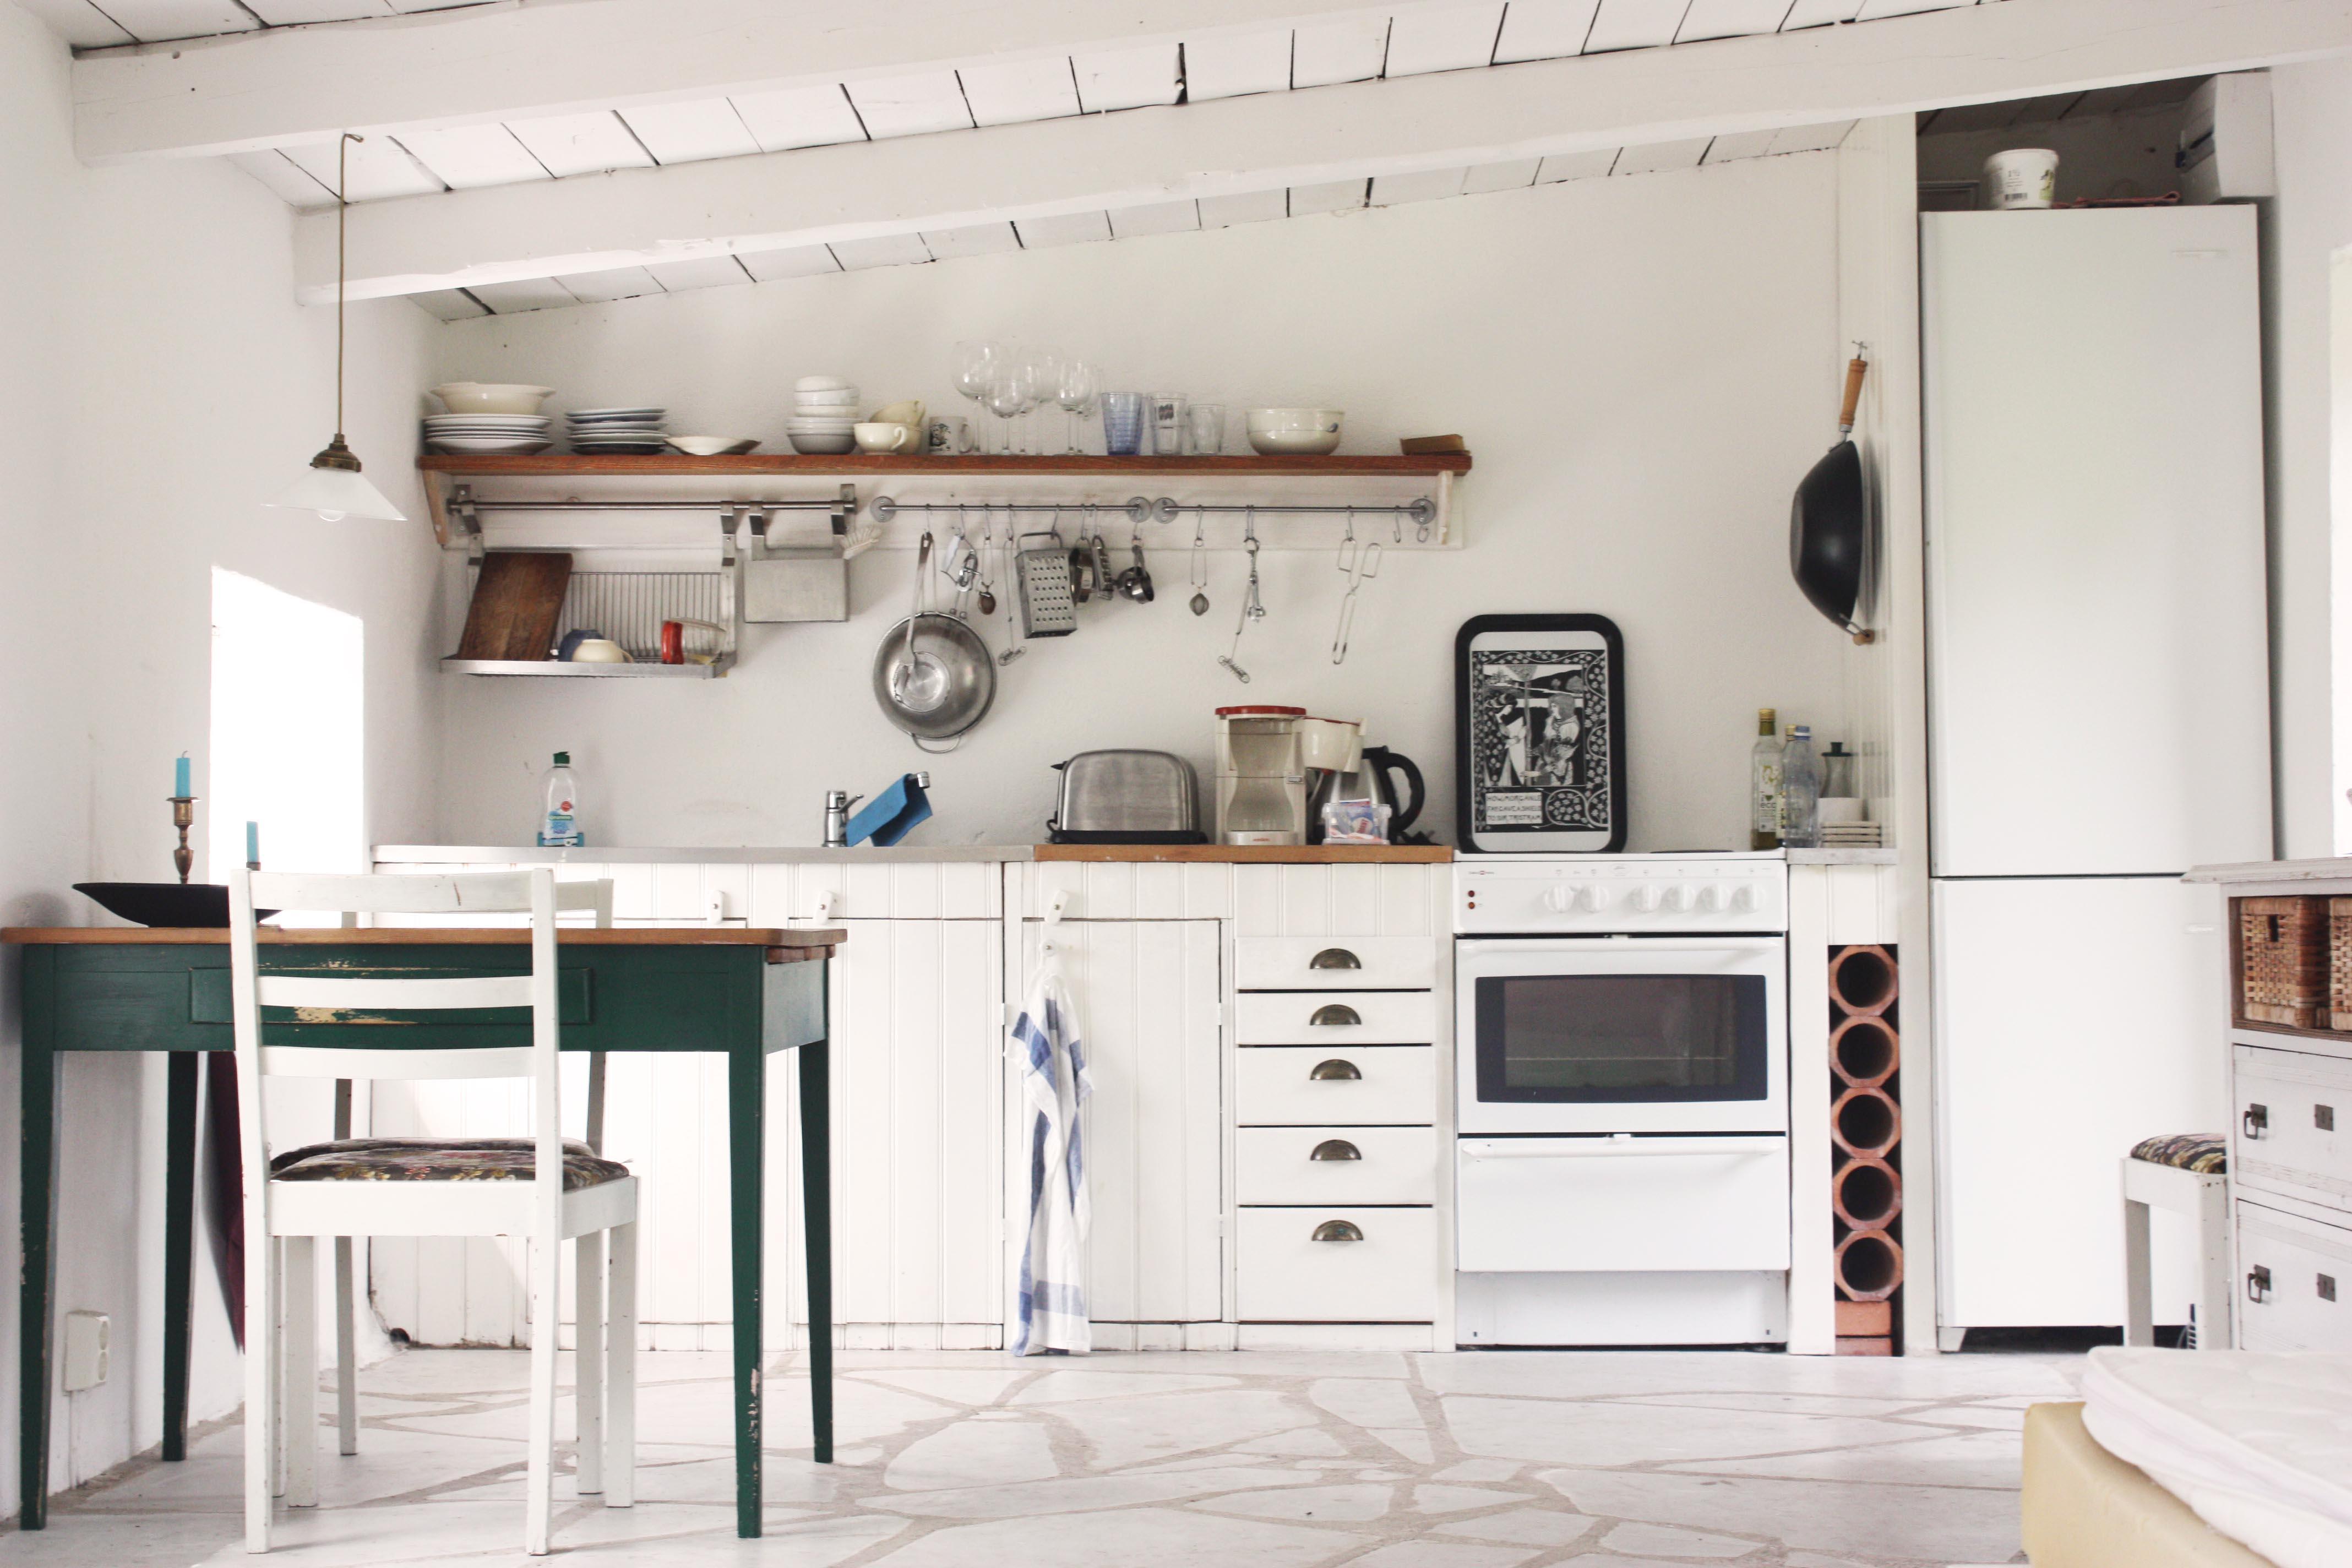 Gotland del 1 bonjour vintage - Muebles de cocina reciclados ...